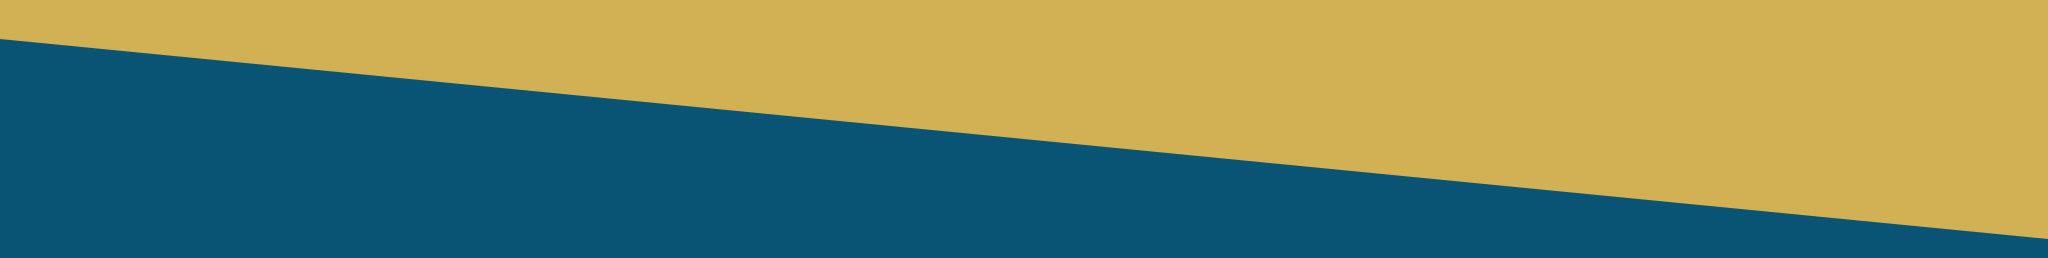 PORT-PERRY-CASAS-BIENES-RAICES-CANTERBURY-DESARROLLO-APLICACION-TOUCH